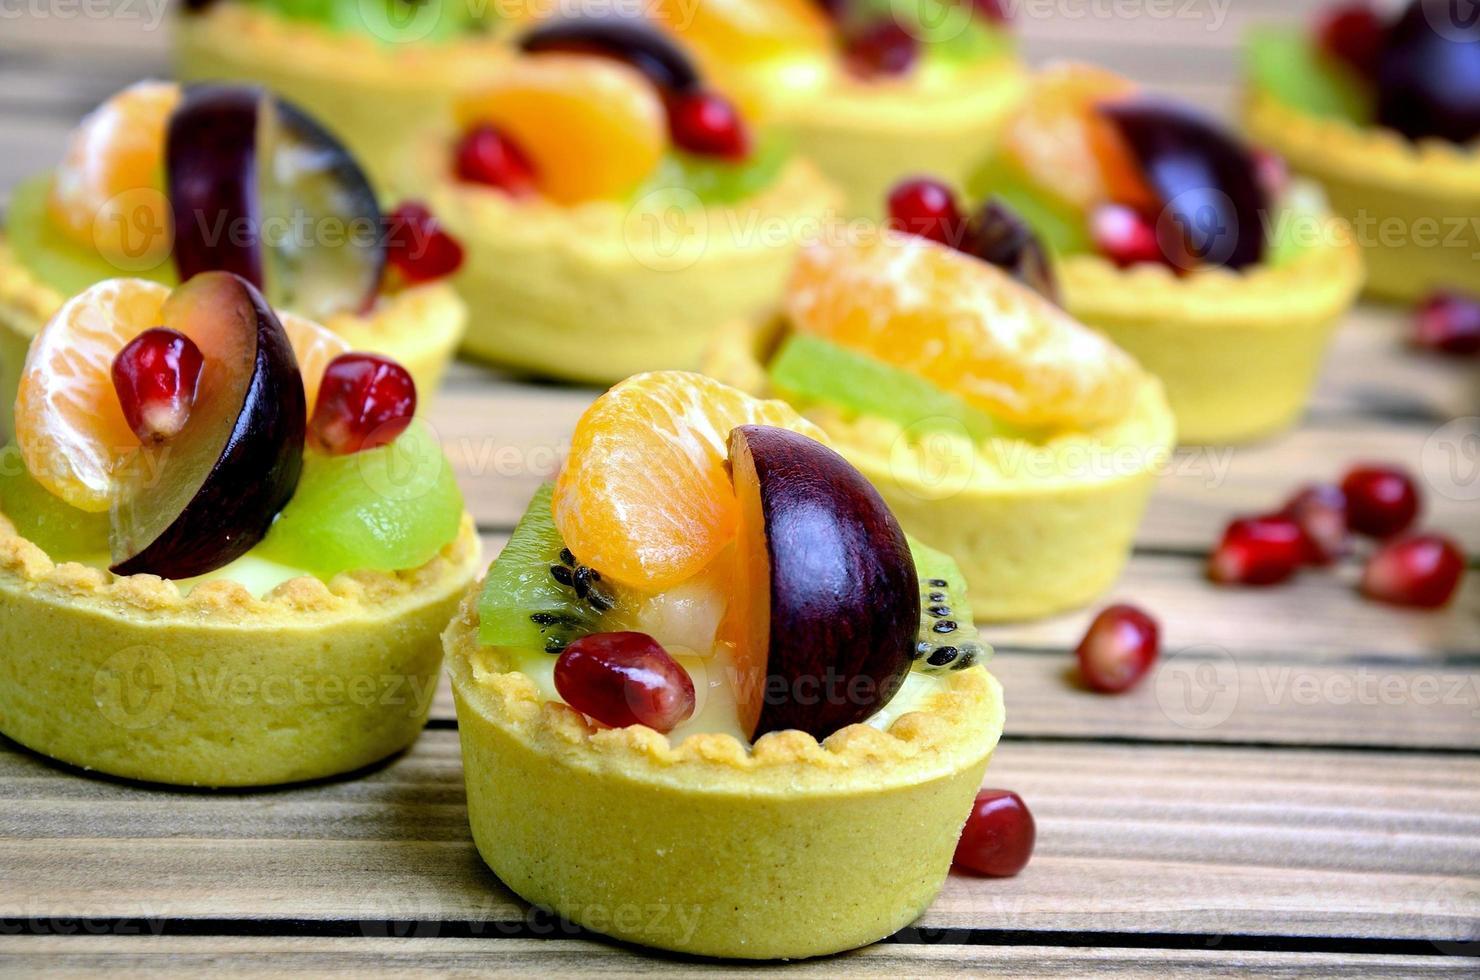 Obstkuchen auf dem Tisch foto